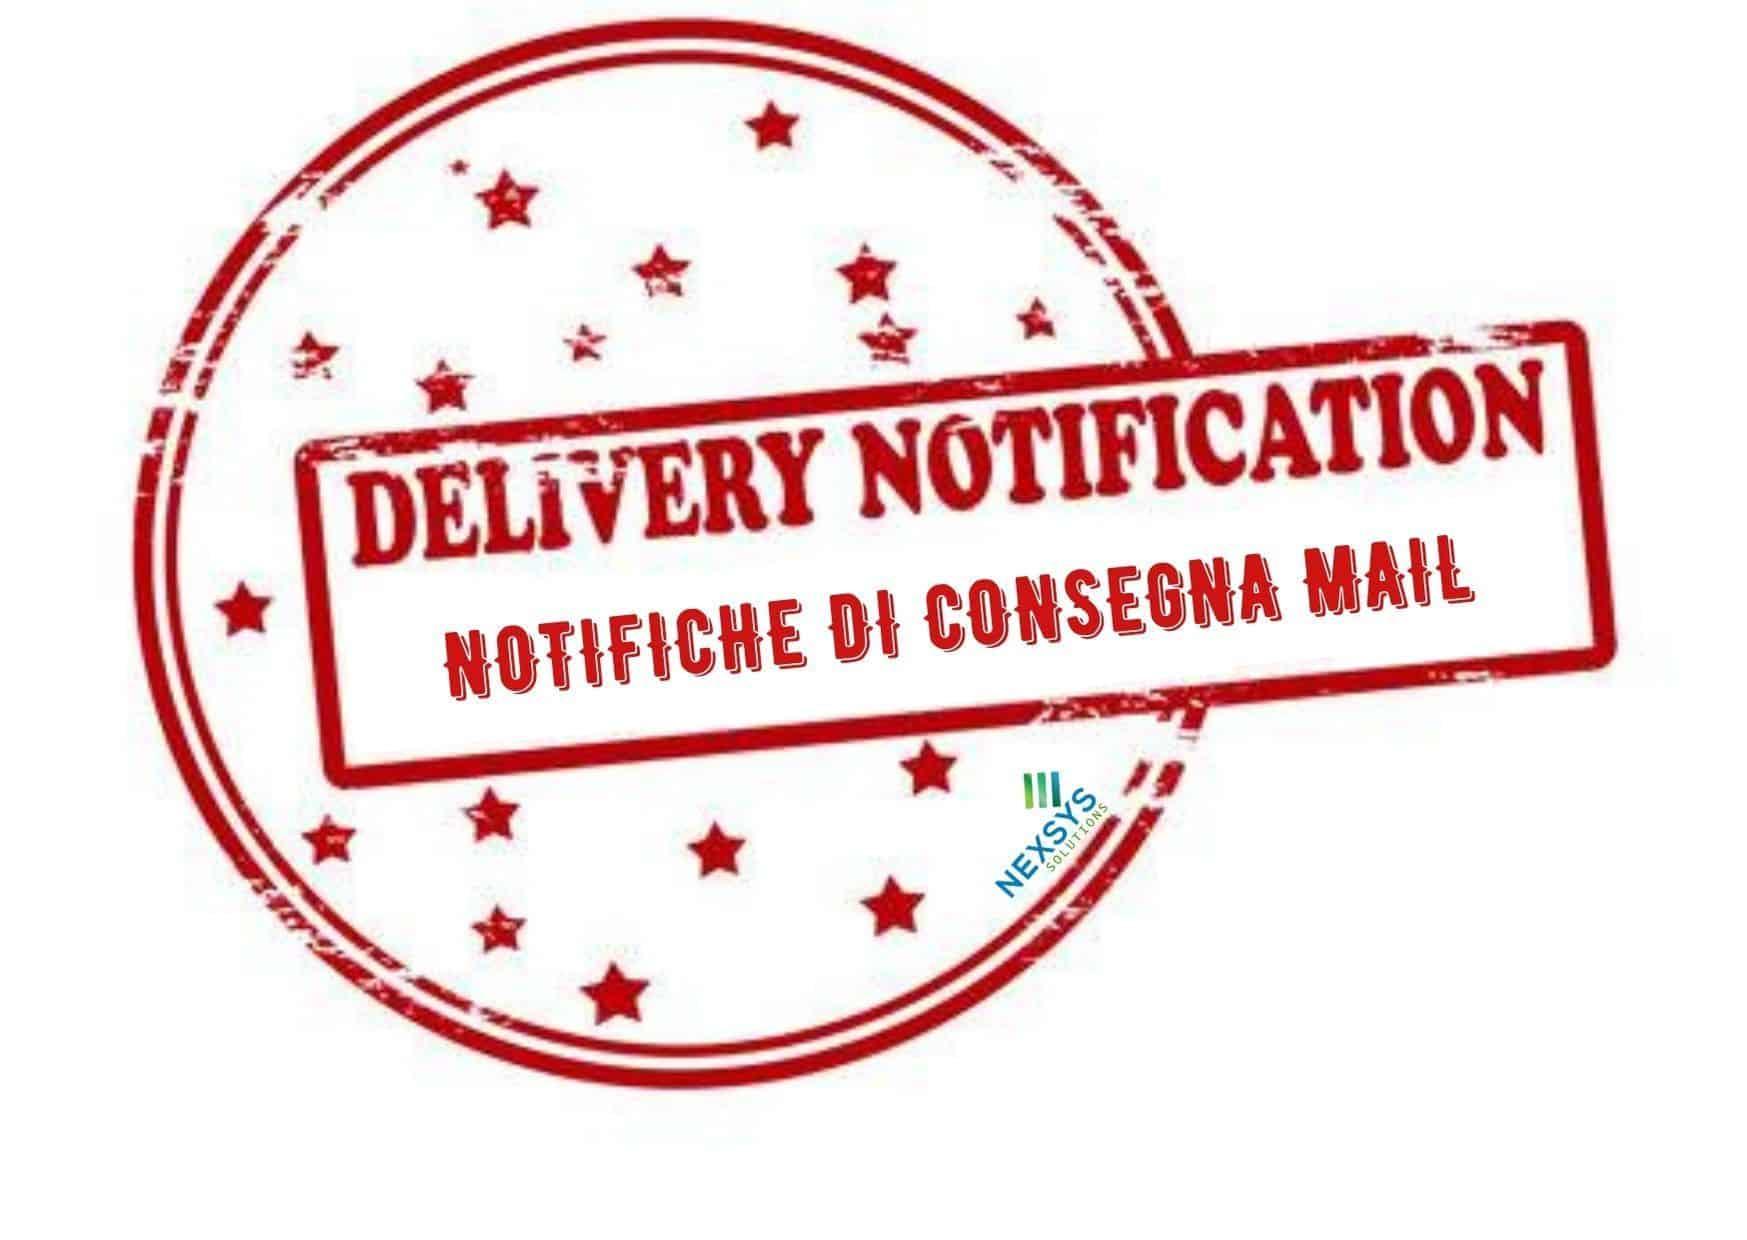 Delivery Notification Status – notifiche di consegna mail